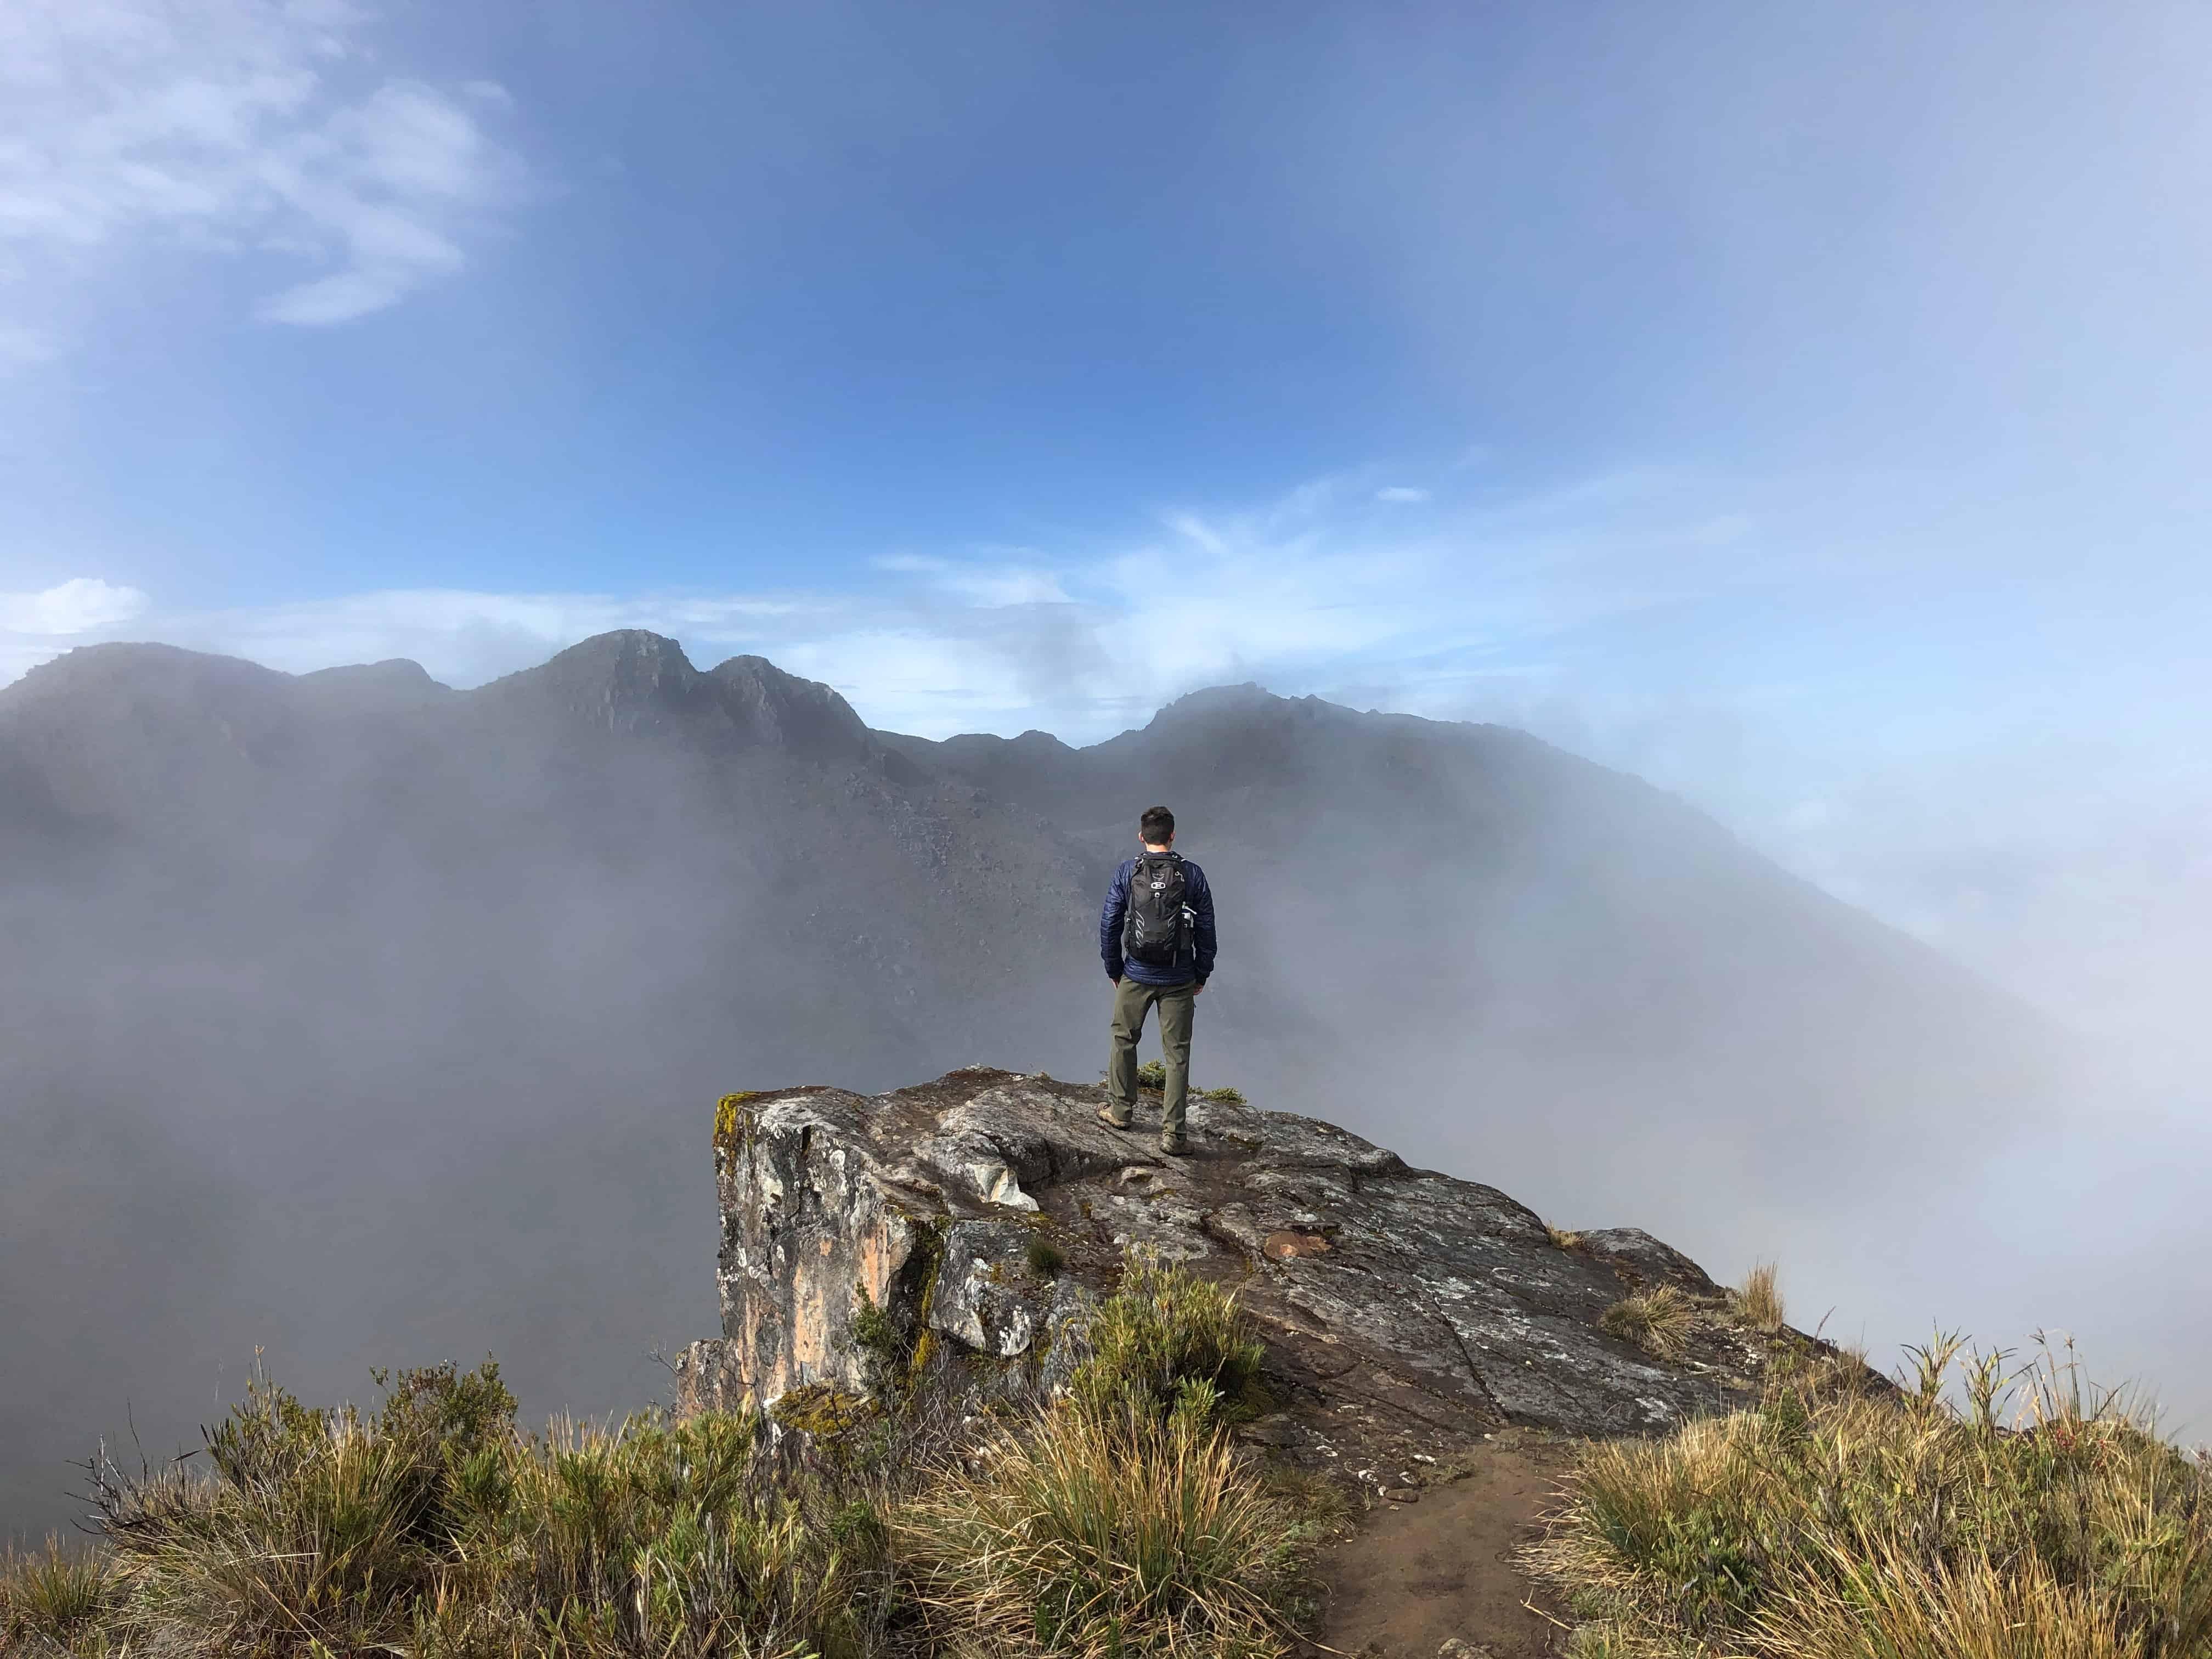 Hiker climbs Cerro Chirripó